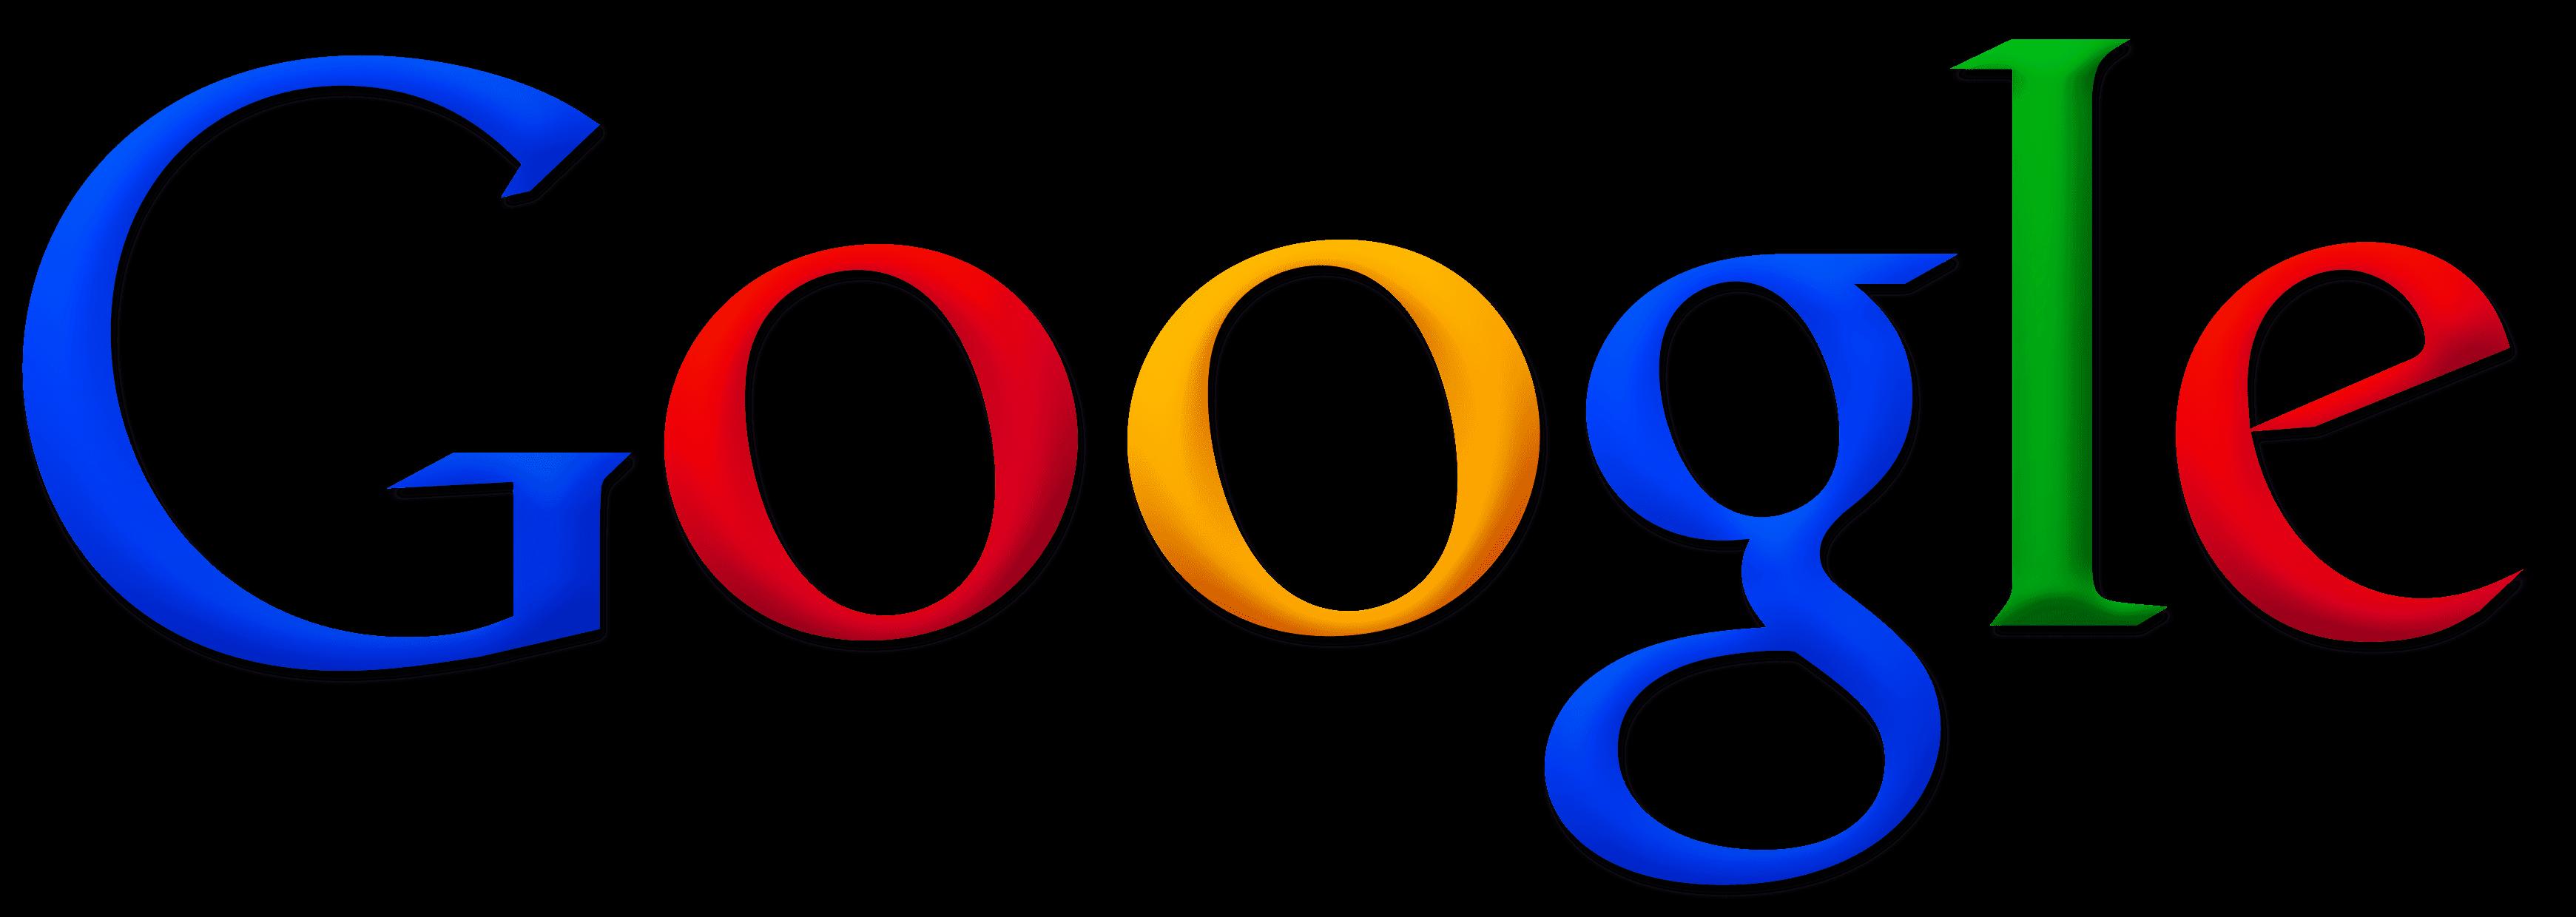 Google pusht Display – auf Kosten der Search-Umsätze?